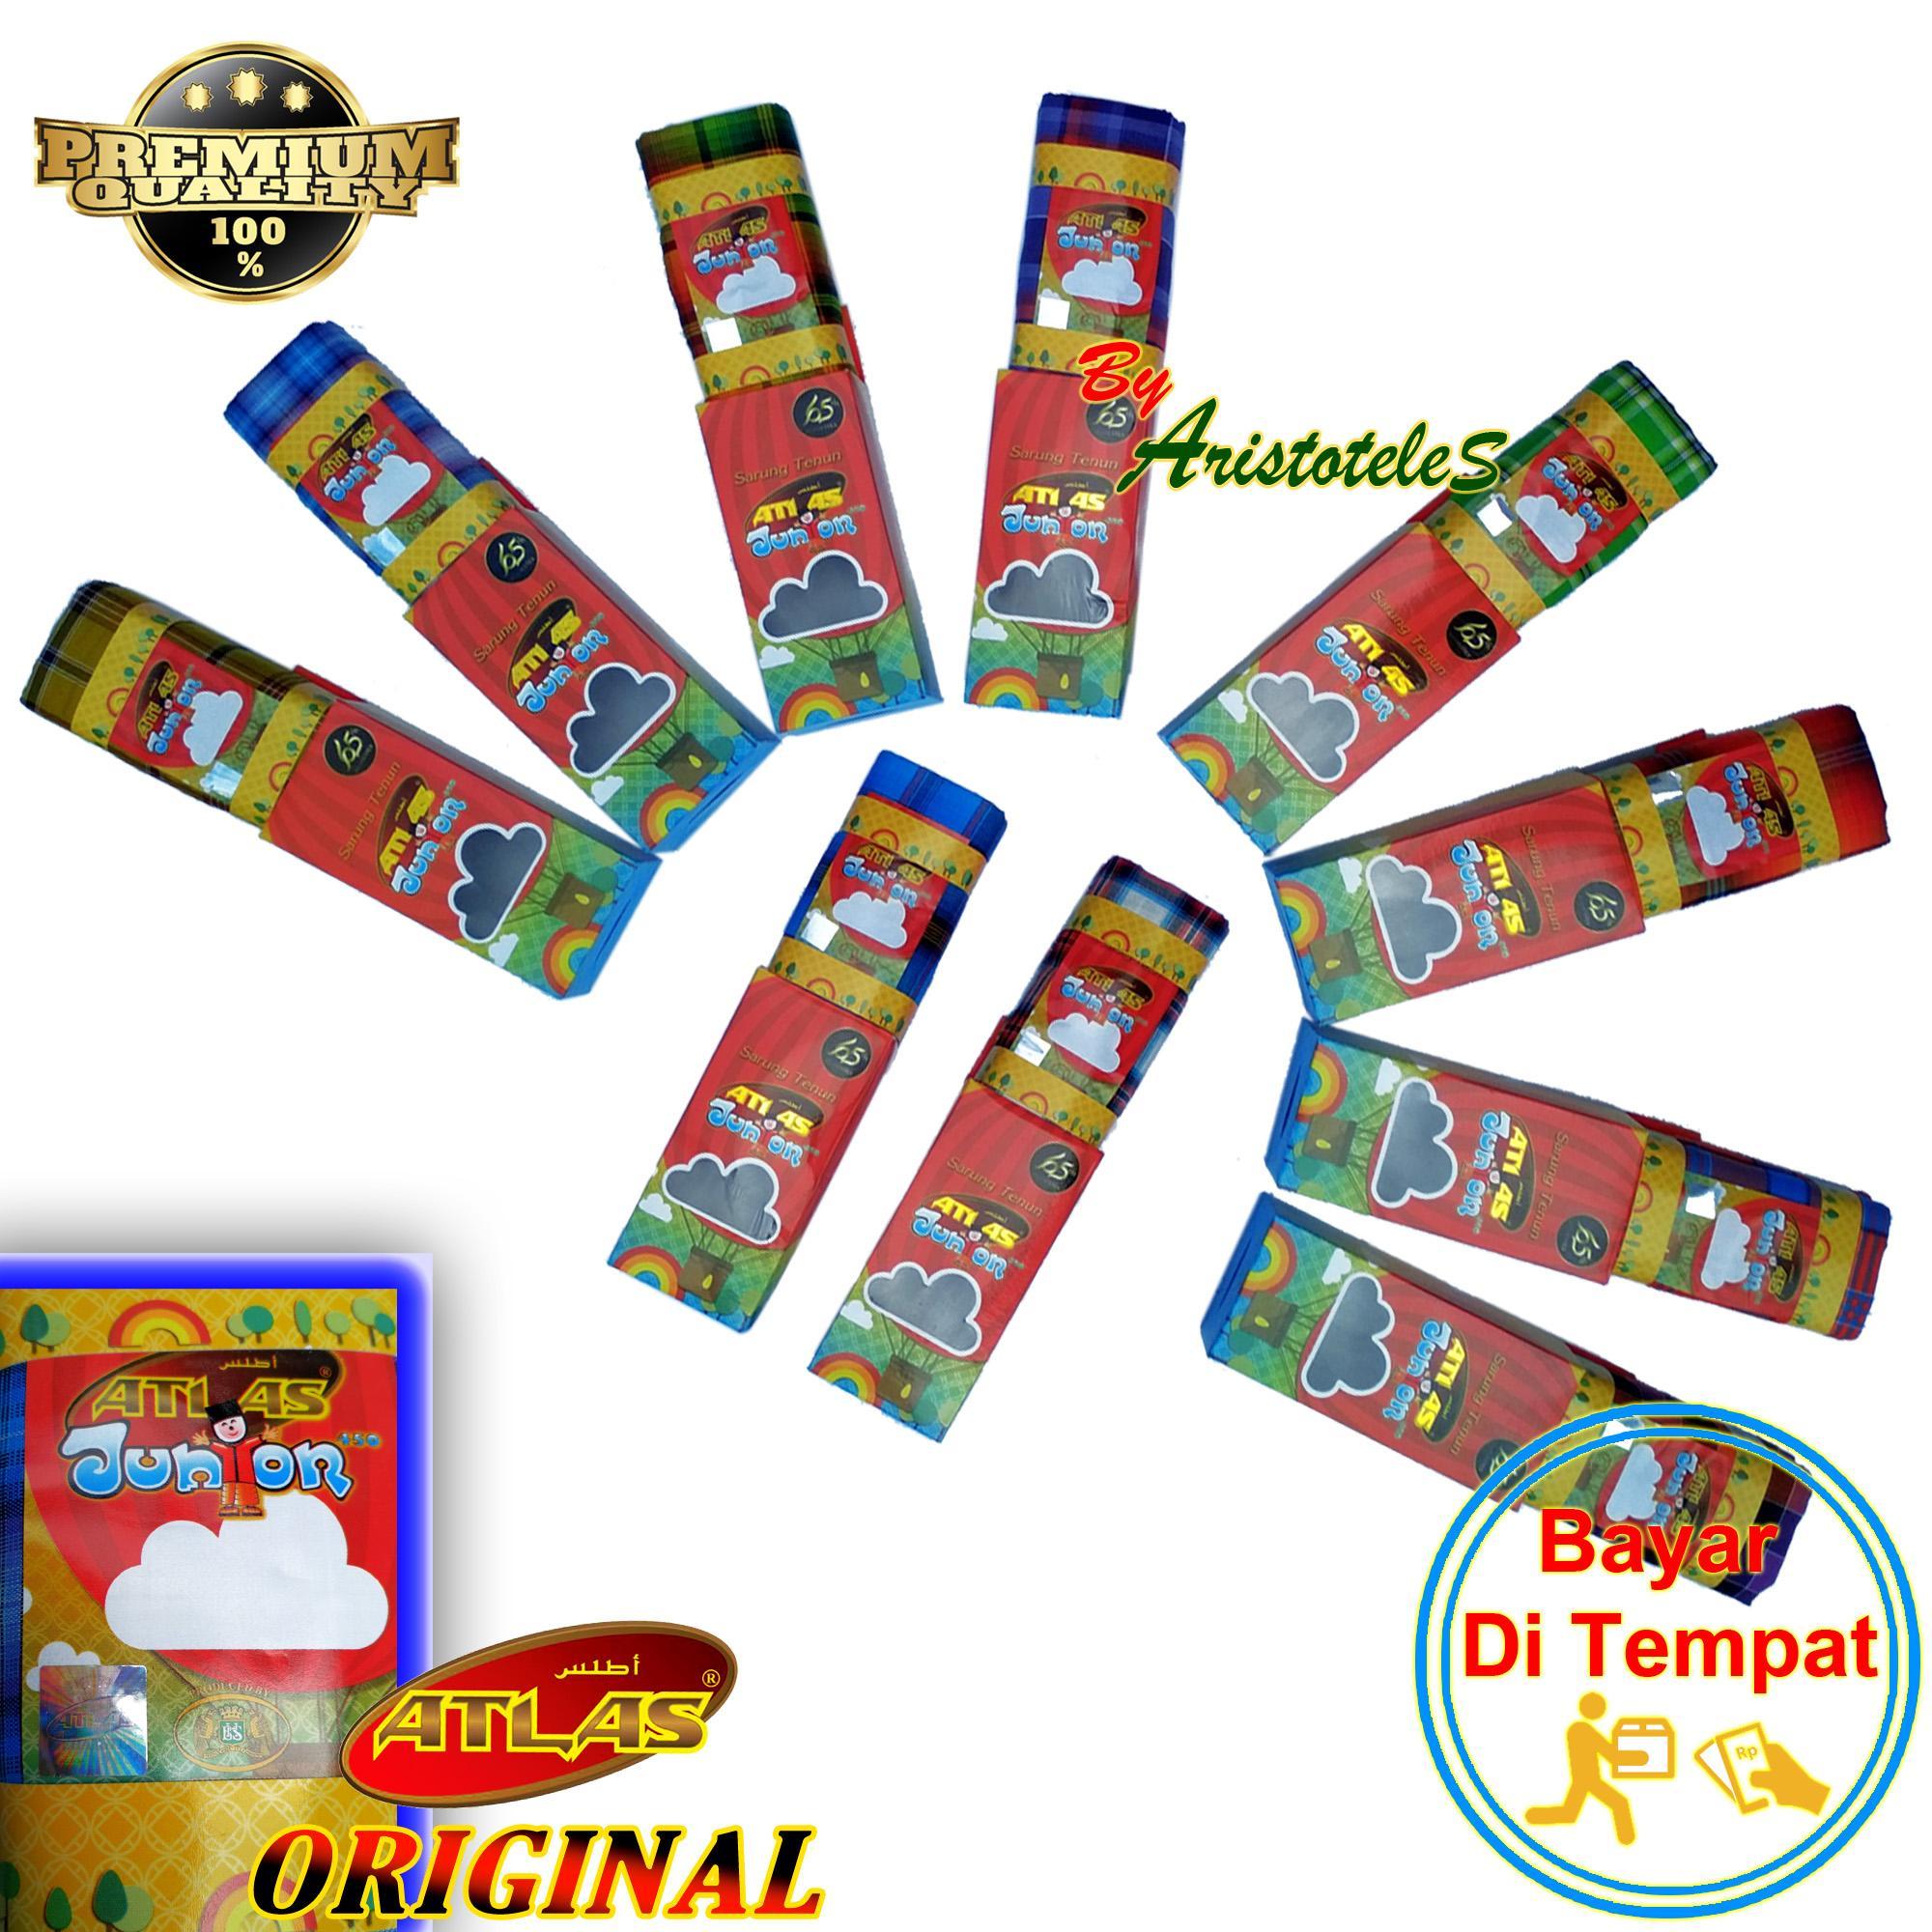 Sarung Atlas Original Junior 450 Sarung Tenun Anak Anak Multicolor